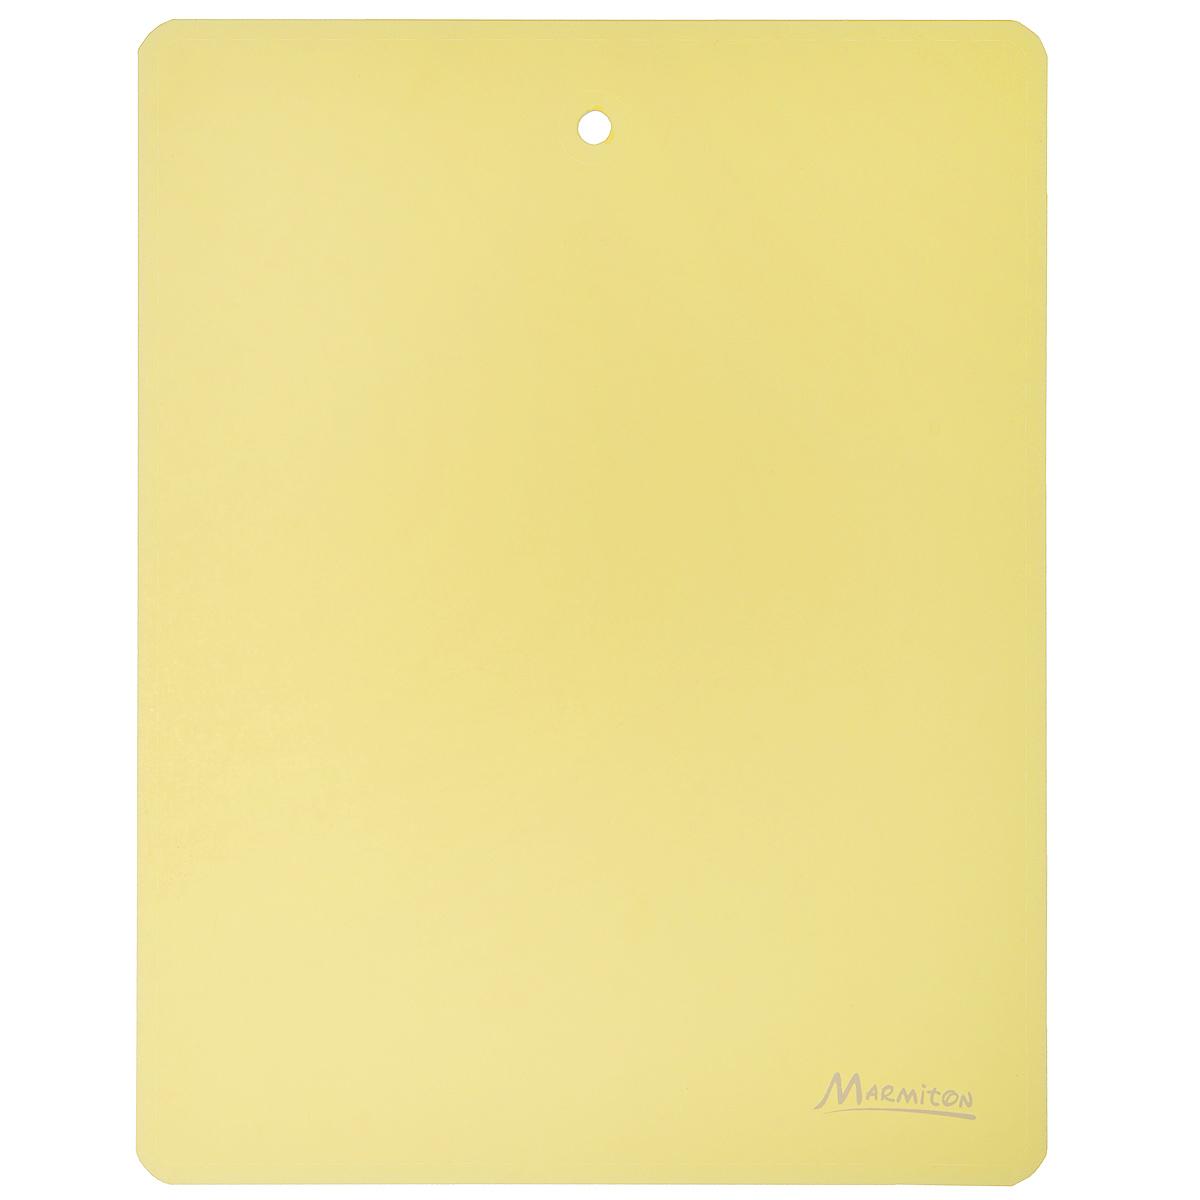 Доска разделочная Marmiton, гибкая, цвет: желтый, 28 см х 22 см разделочная доска домашний сундук гибкая цвет красный синий 2 шт